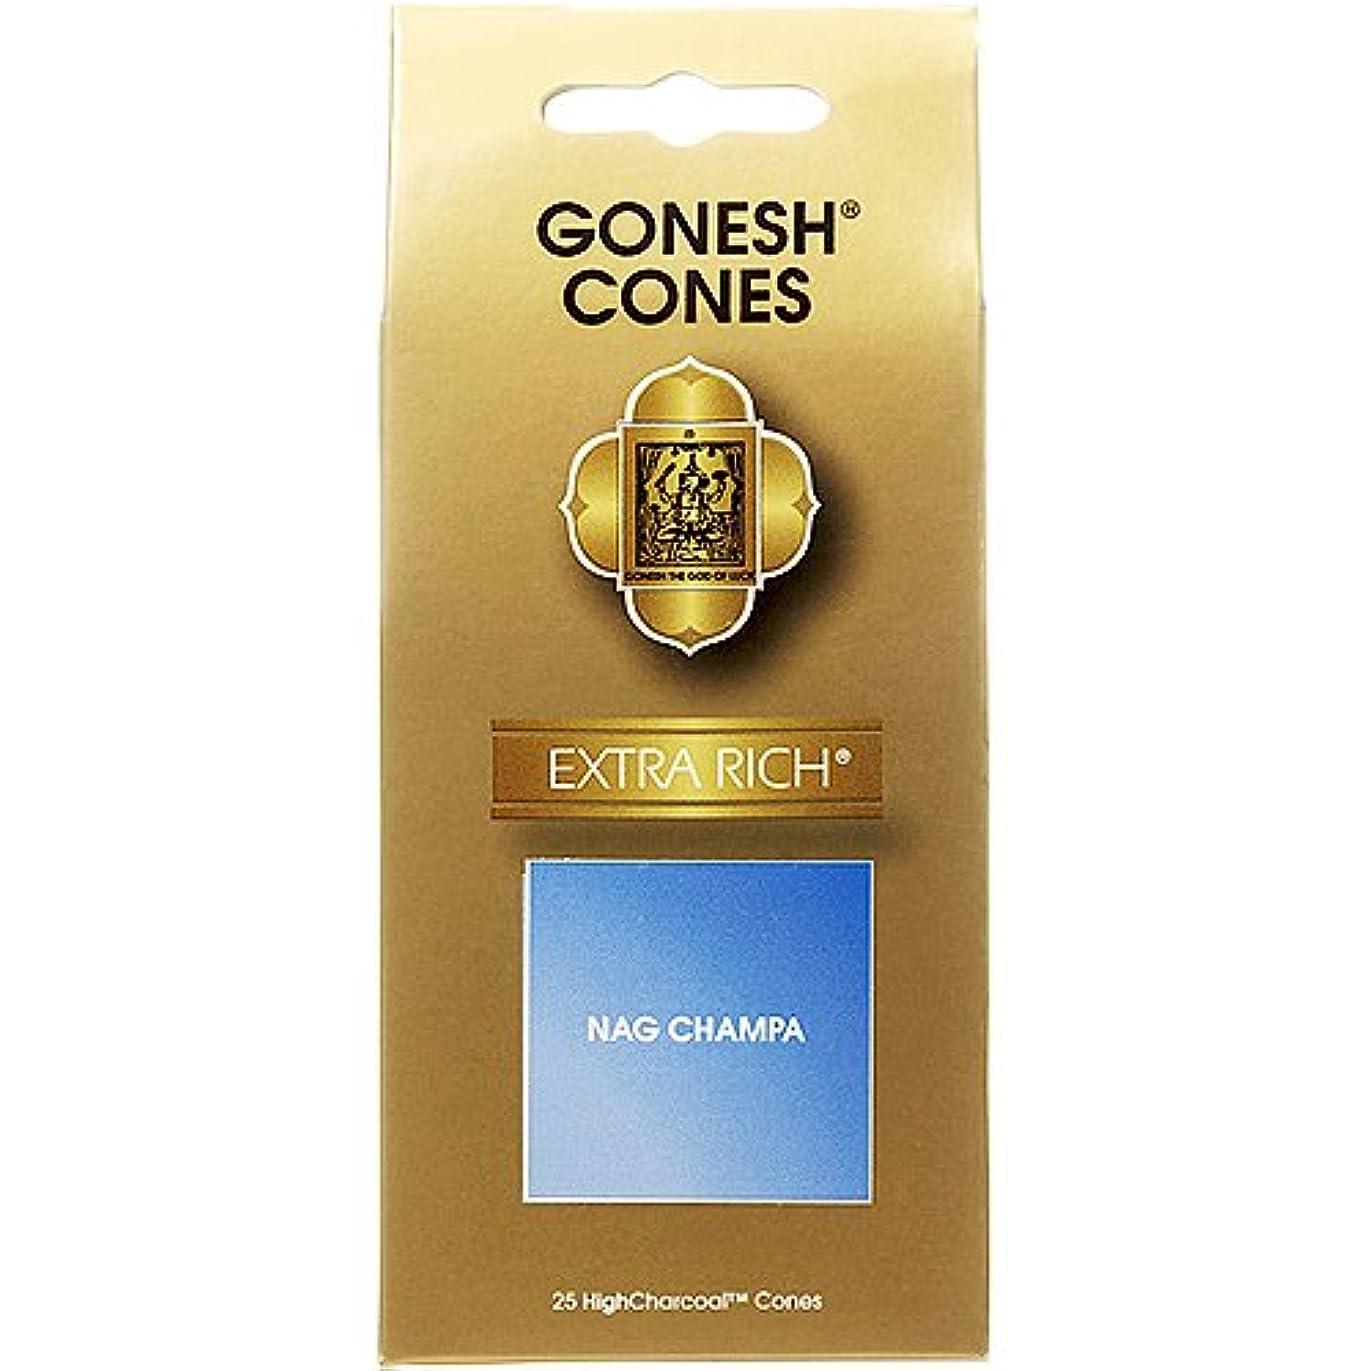 アダルト白内障セミナーガーネッシュ(GONESH) エクストラリッチ インセンス コーン ナグチャンパ 25ヶ入